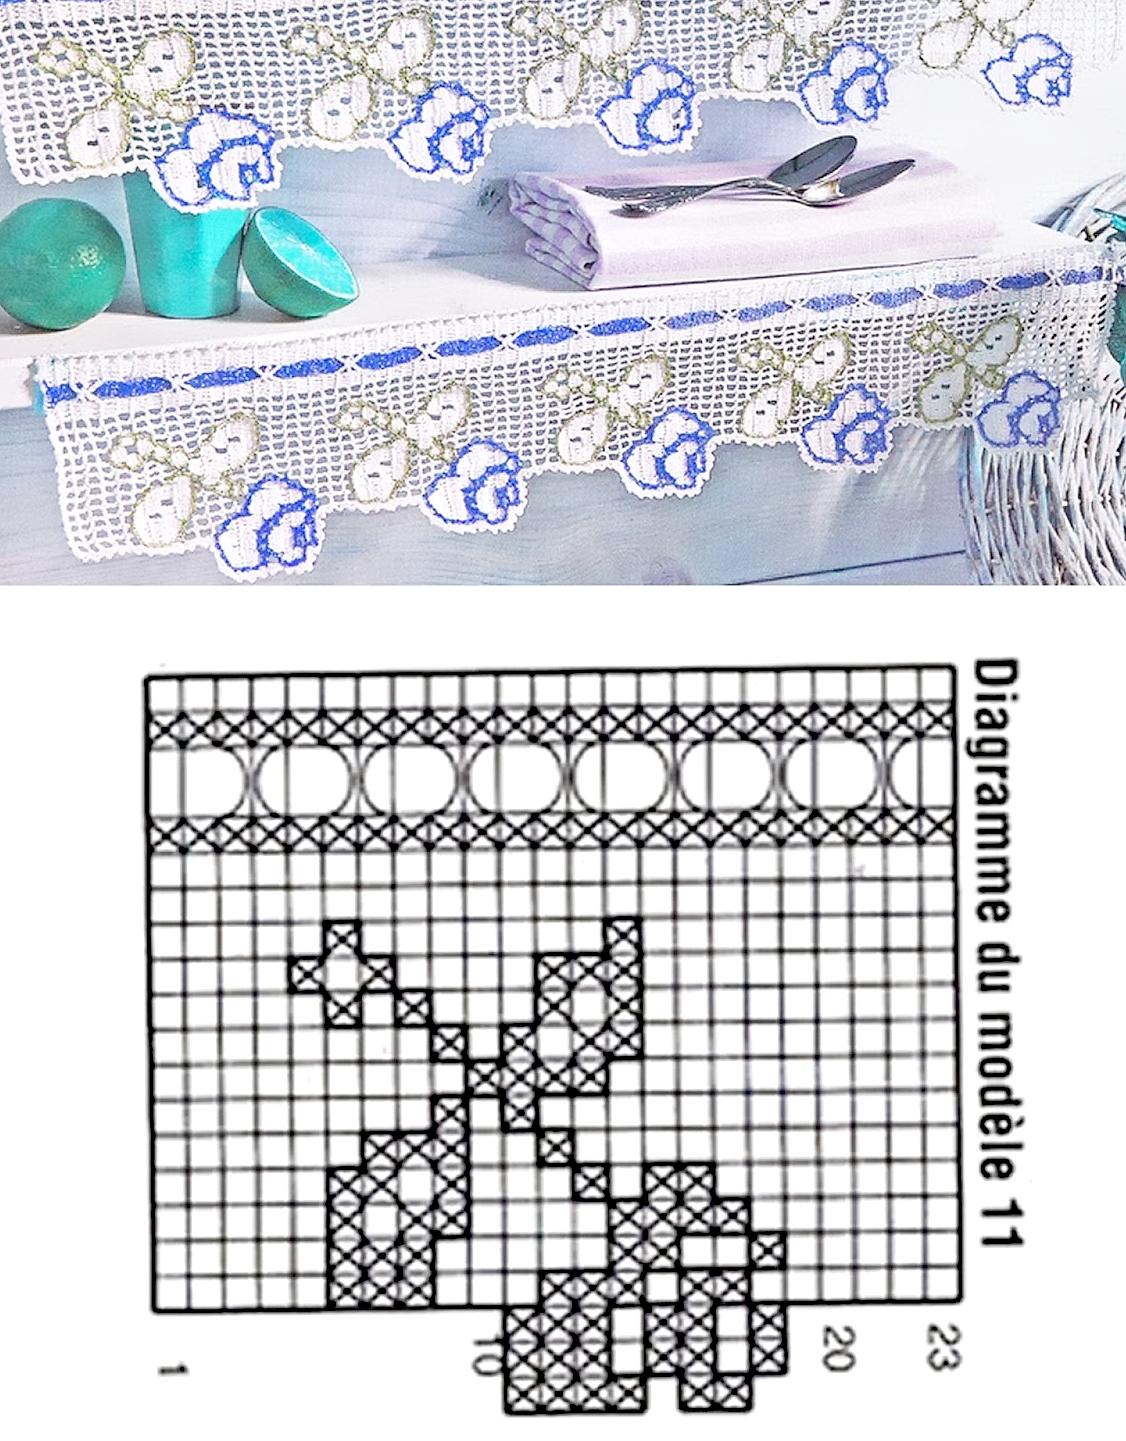 bellissimo bordo all'uncinetto crochet per tovaglie lenzuola asciugamani biancheria da cucina (9)